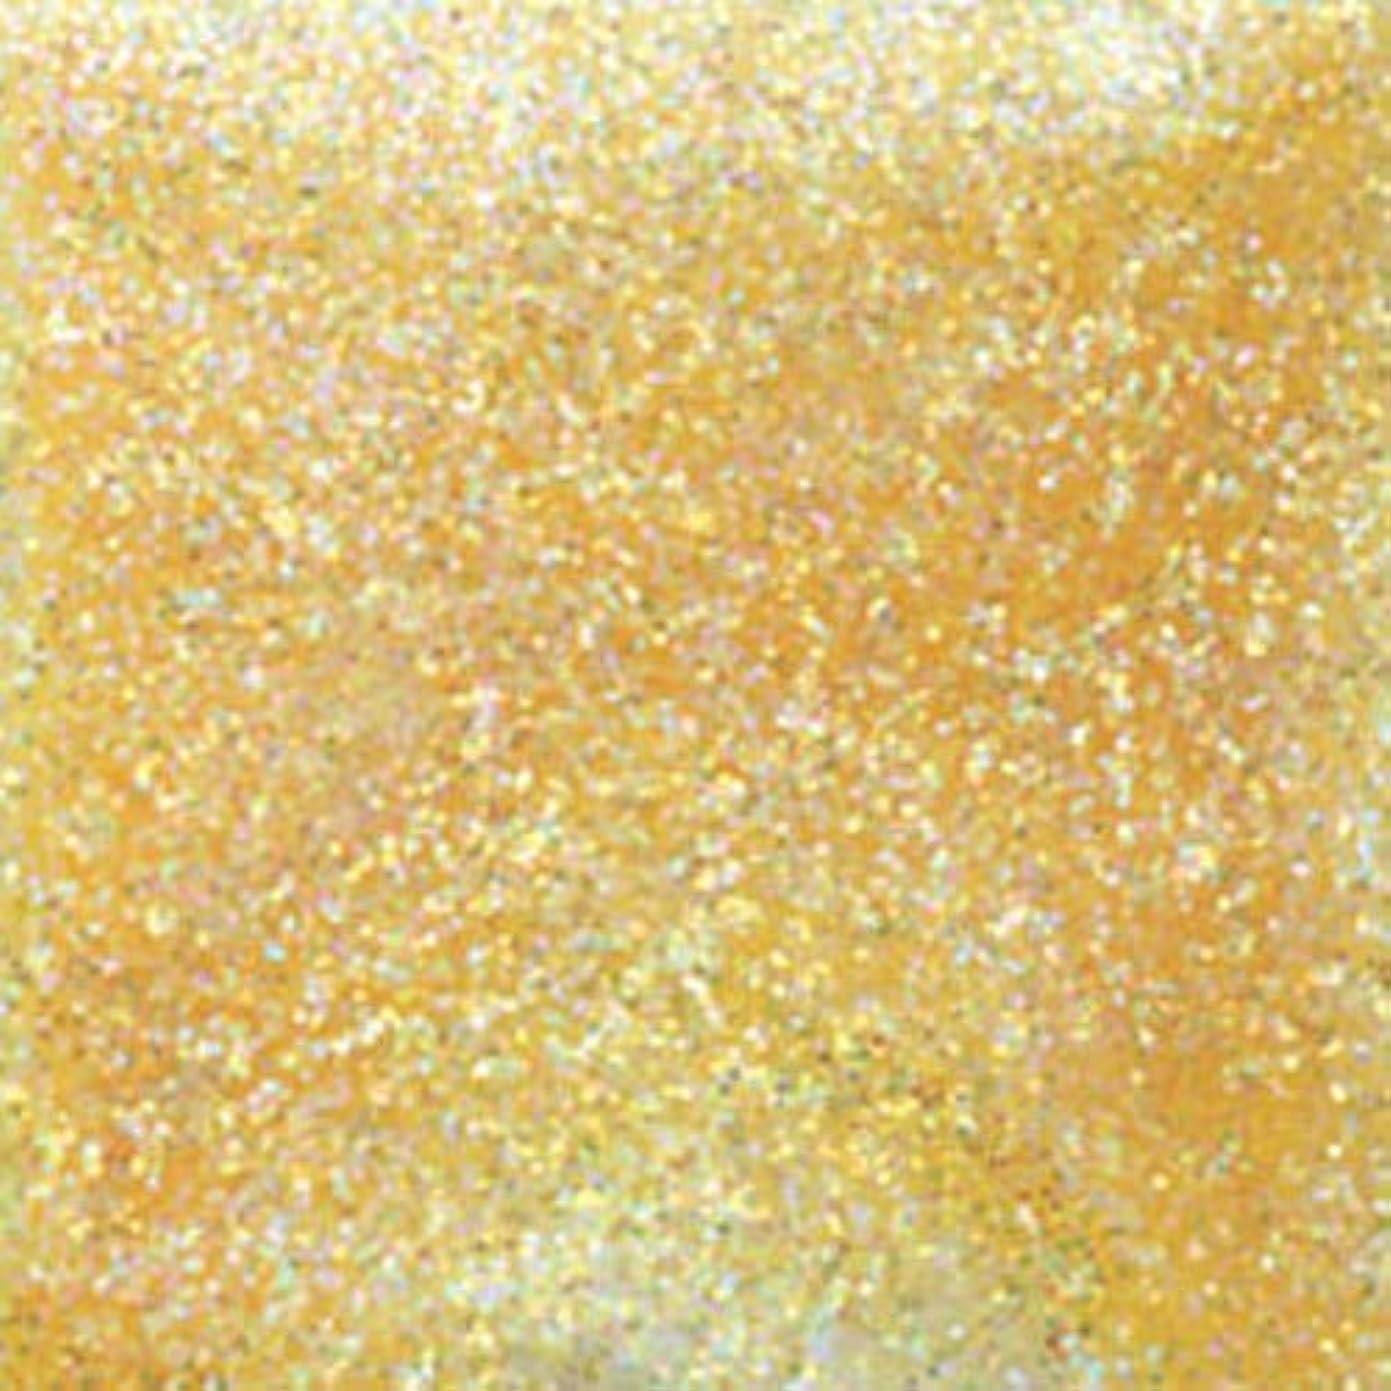 皮肉な技術糞ピカエース ネイル用パウダー ラメカラーレインボー M #421 イエロー 0.7g